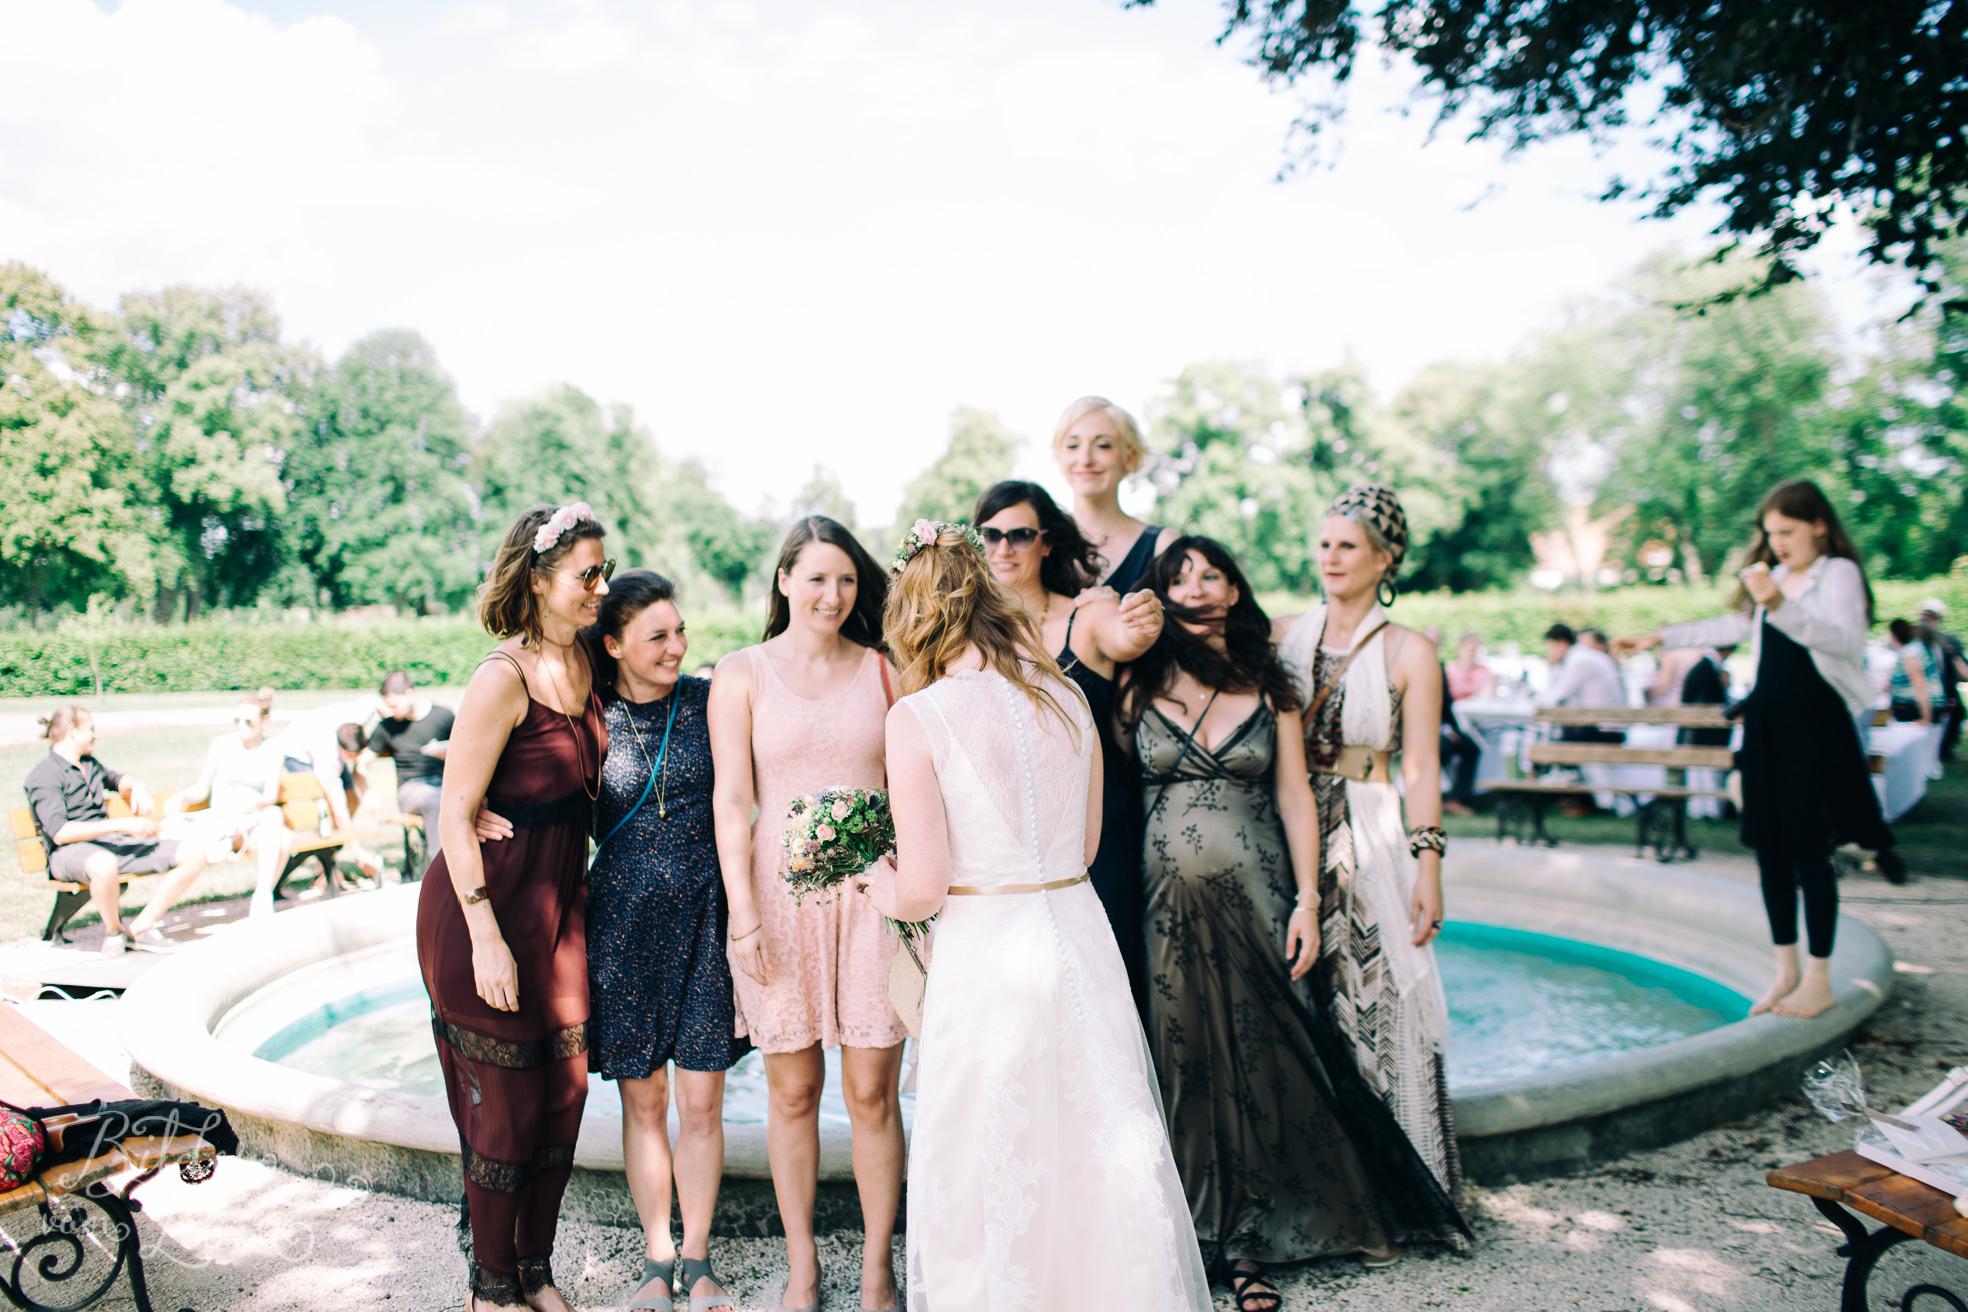 Franzi-Mike-Hochzeitsfotos-Triesdorf-IM2C2011